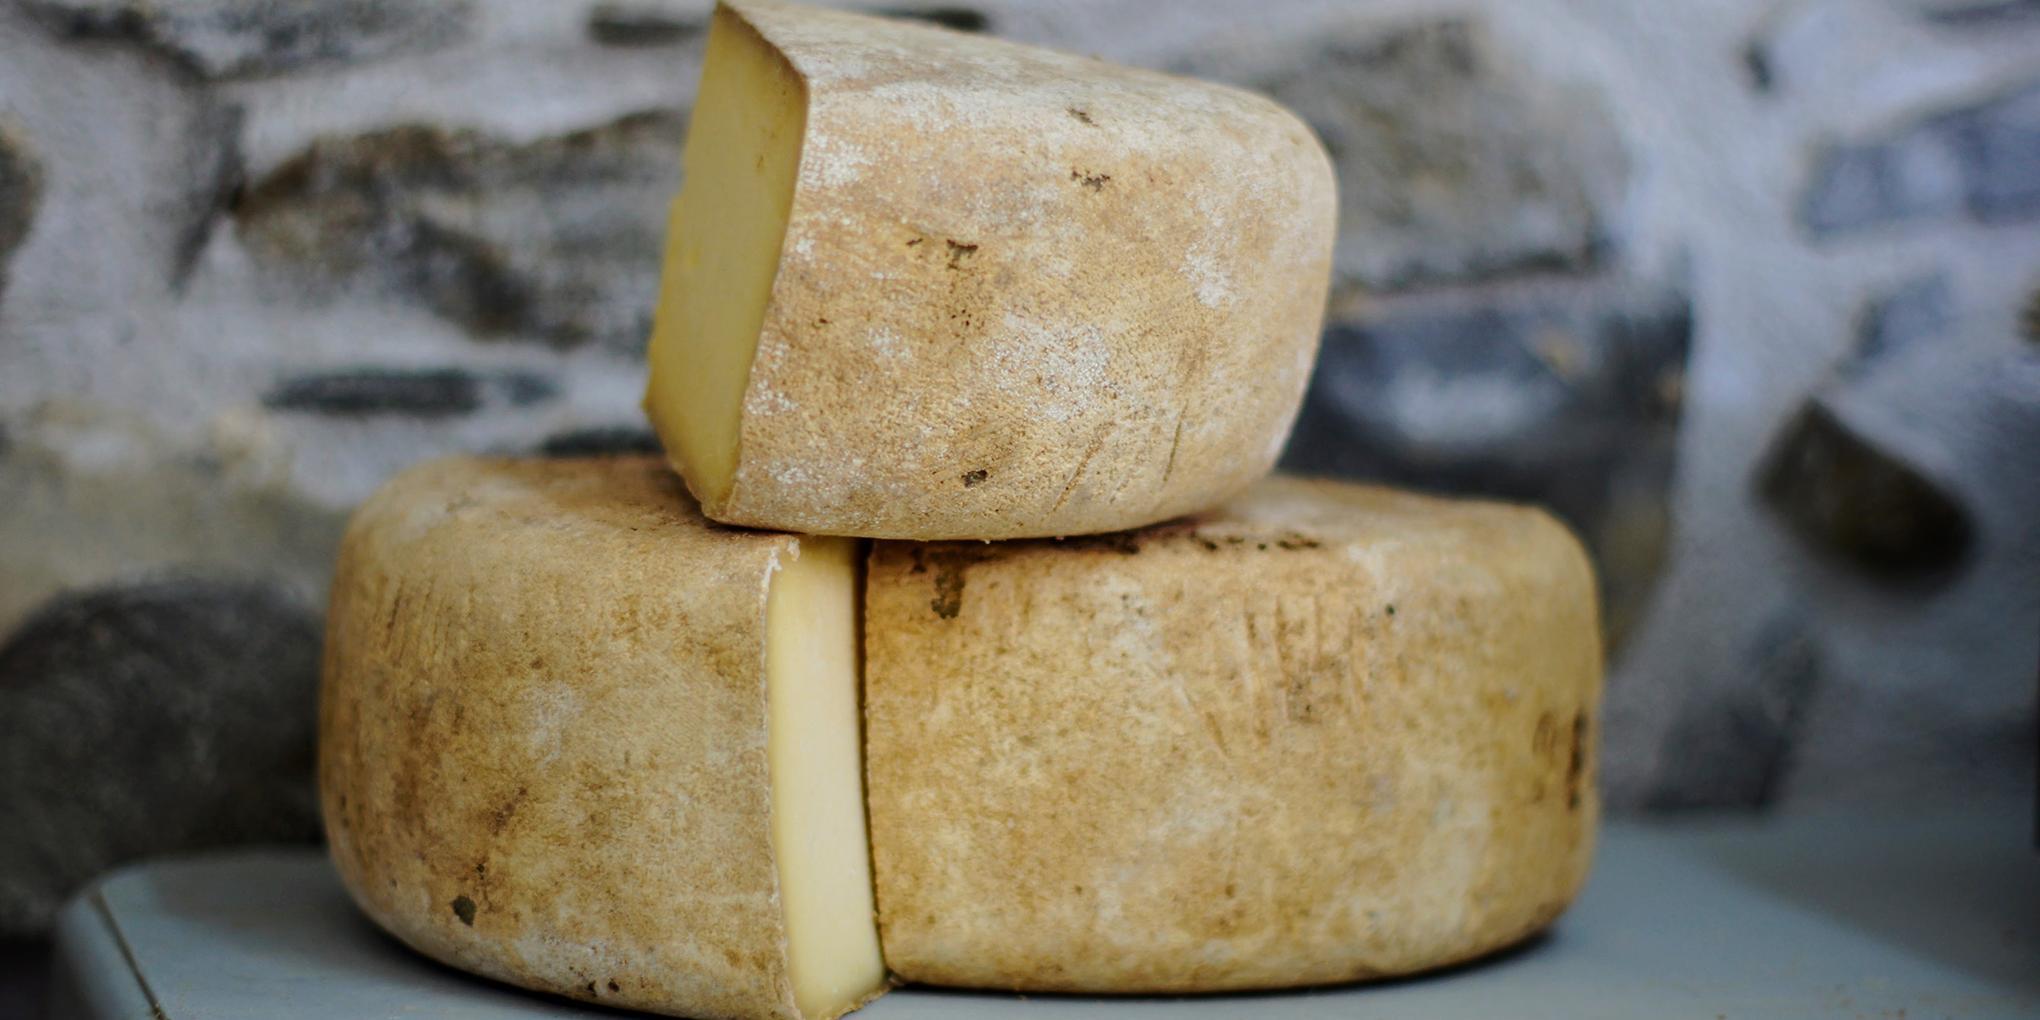 Kaas van een lokale producent in de Ardennen